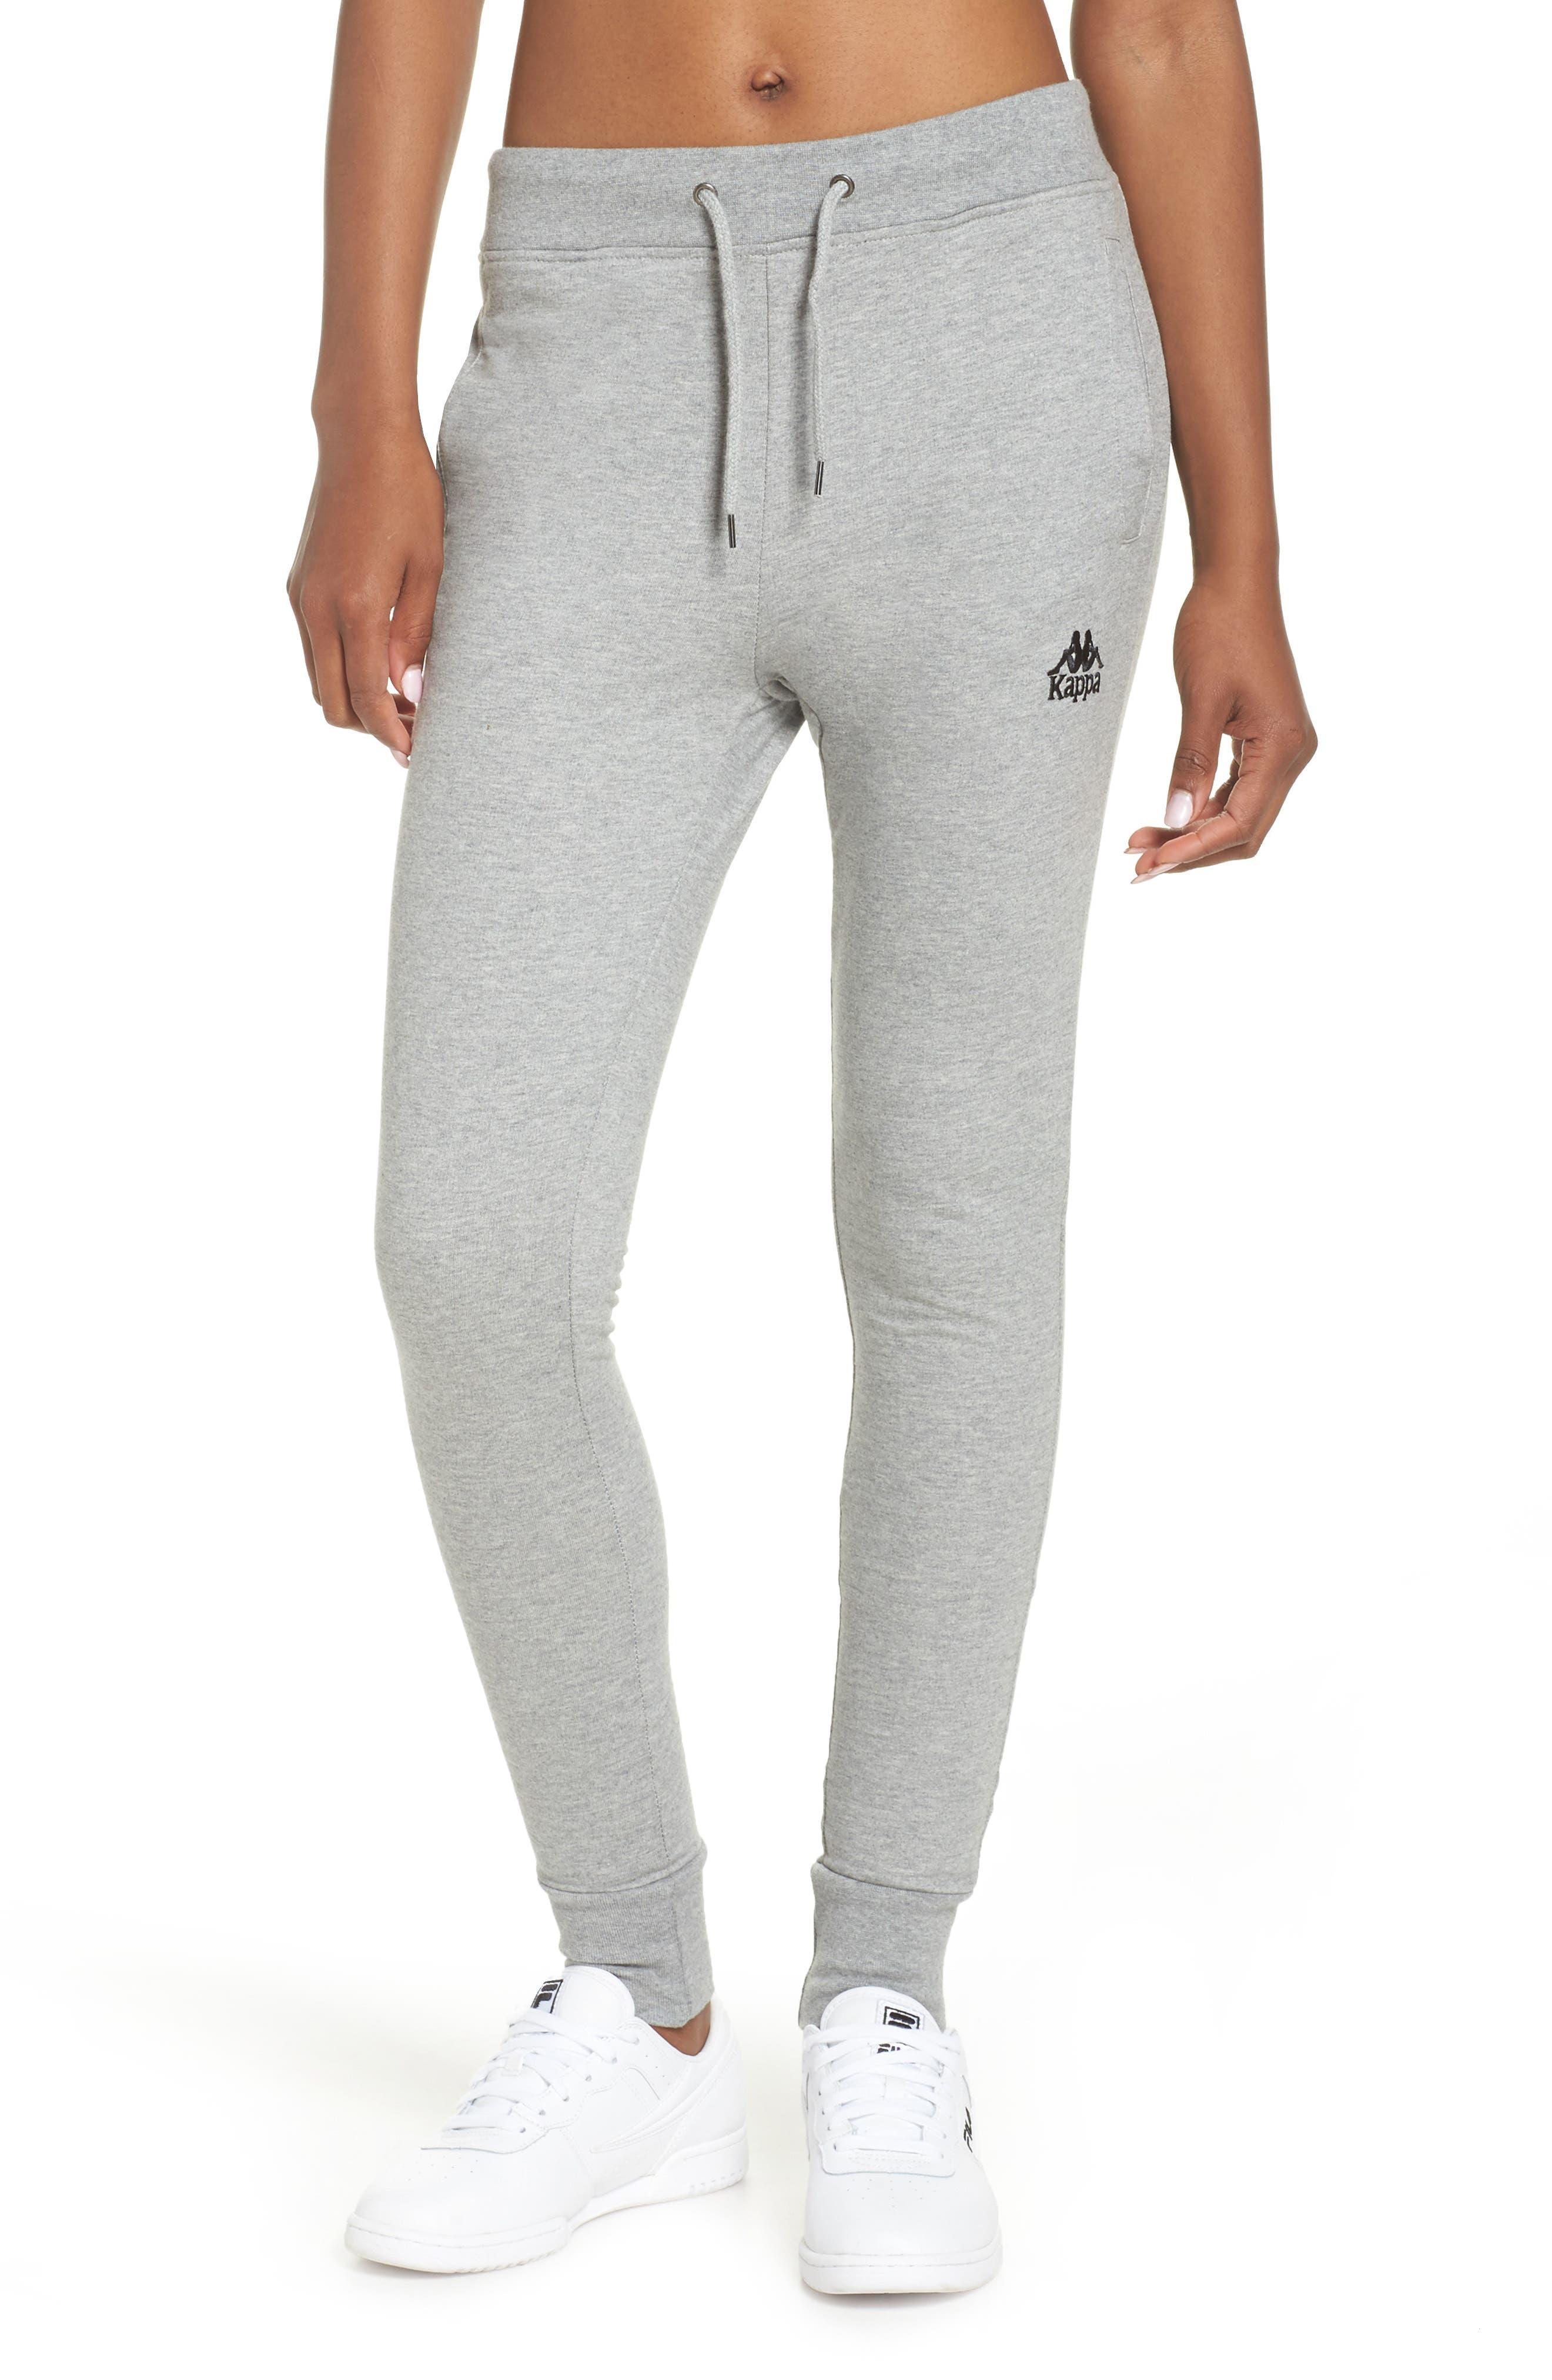 Authentic Cresta Slim Fit Sweatpants,                             Main thumbnail 1, color,